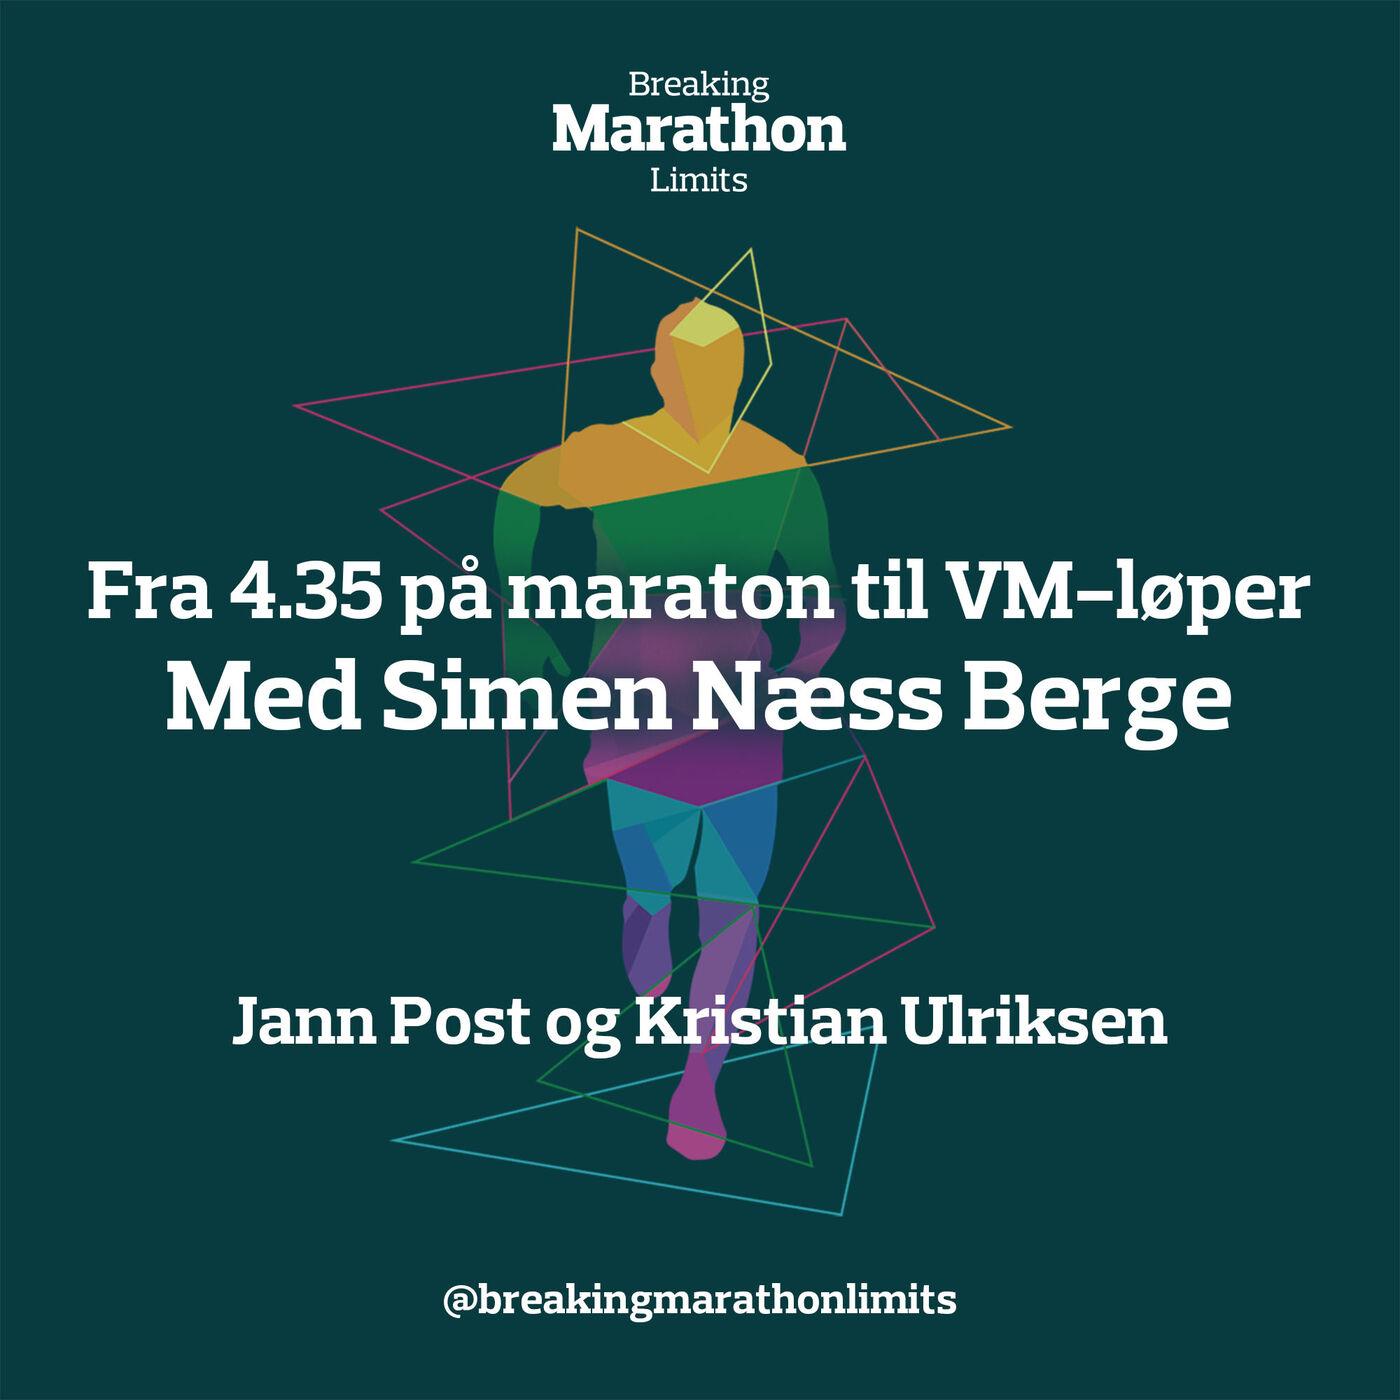 Fra 4.35 på maraton til VM-løper | Simen Næss Berge